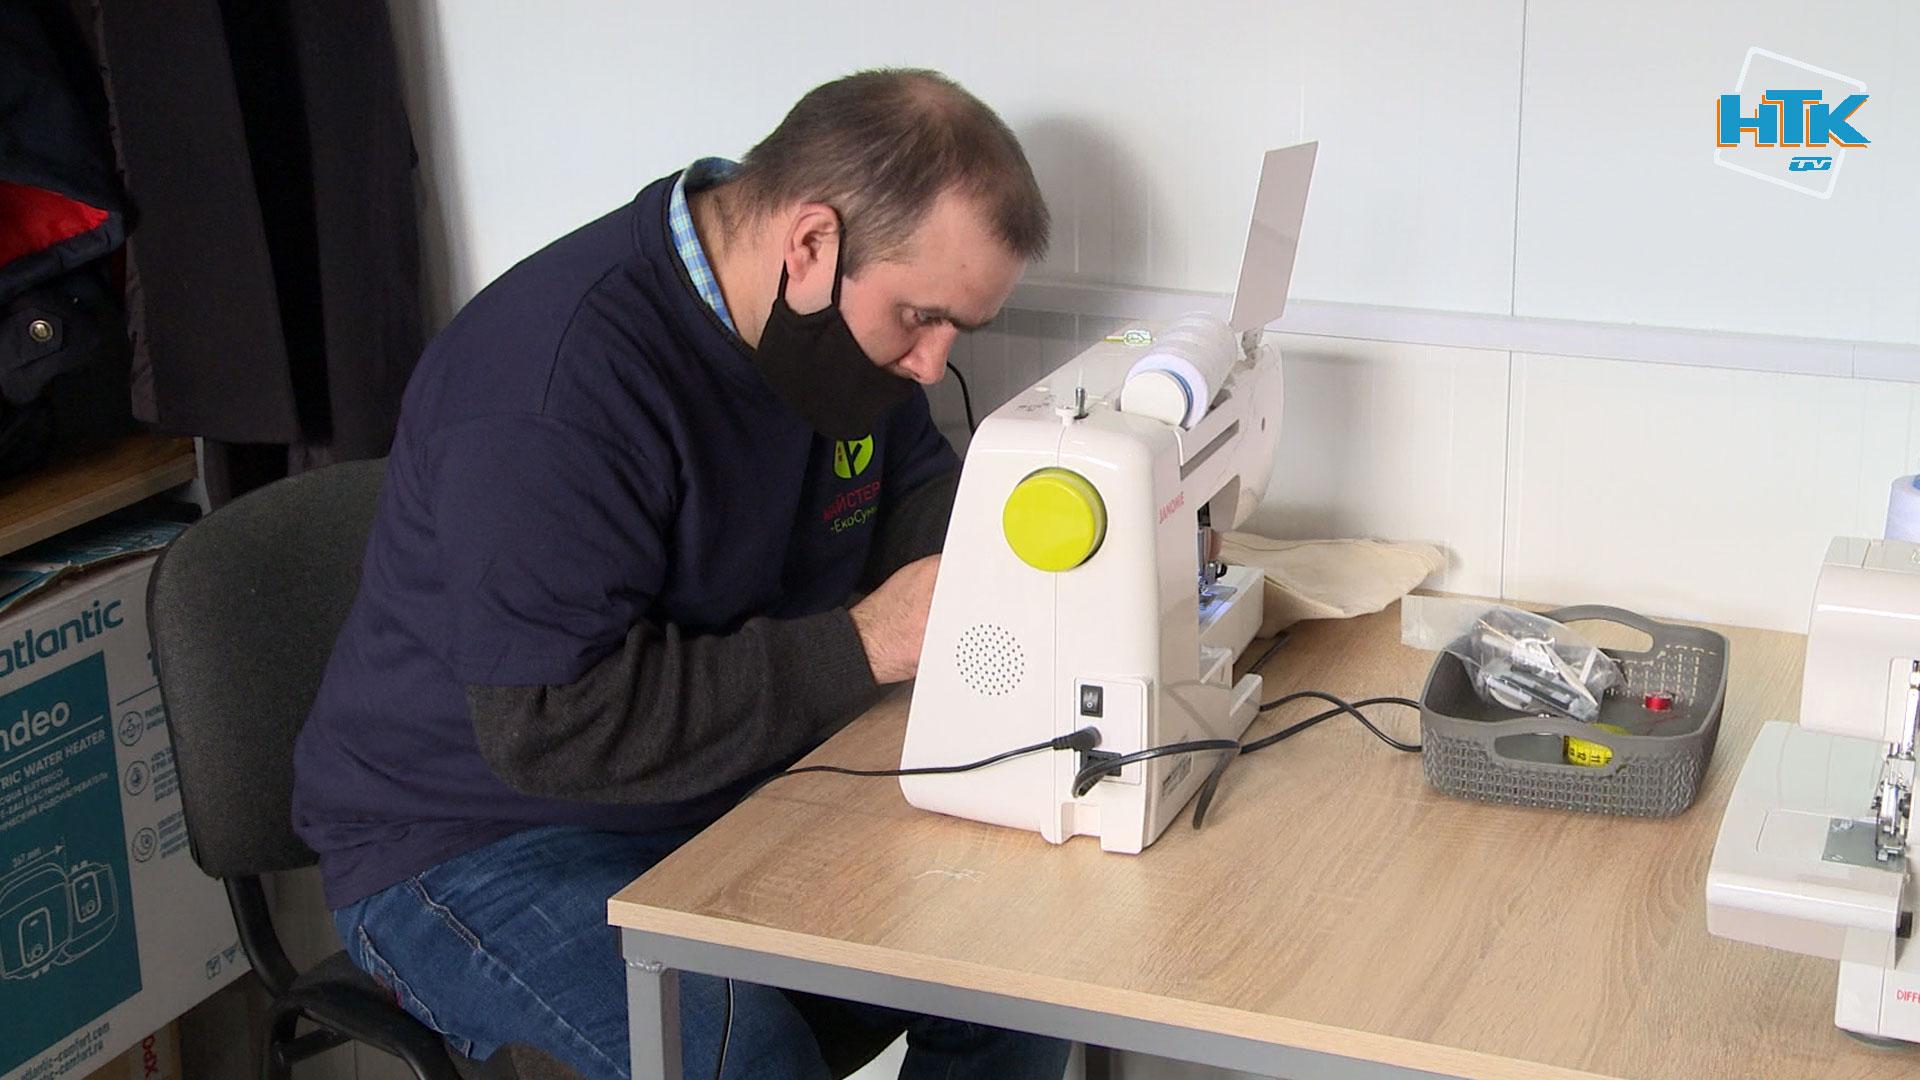 У Коломиї облаштували виробництво екосумок: там працюватимуть люди з інвалідністю (ВІДЕО)